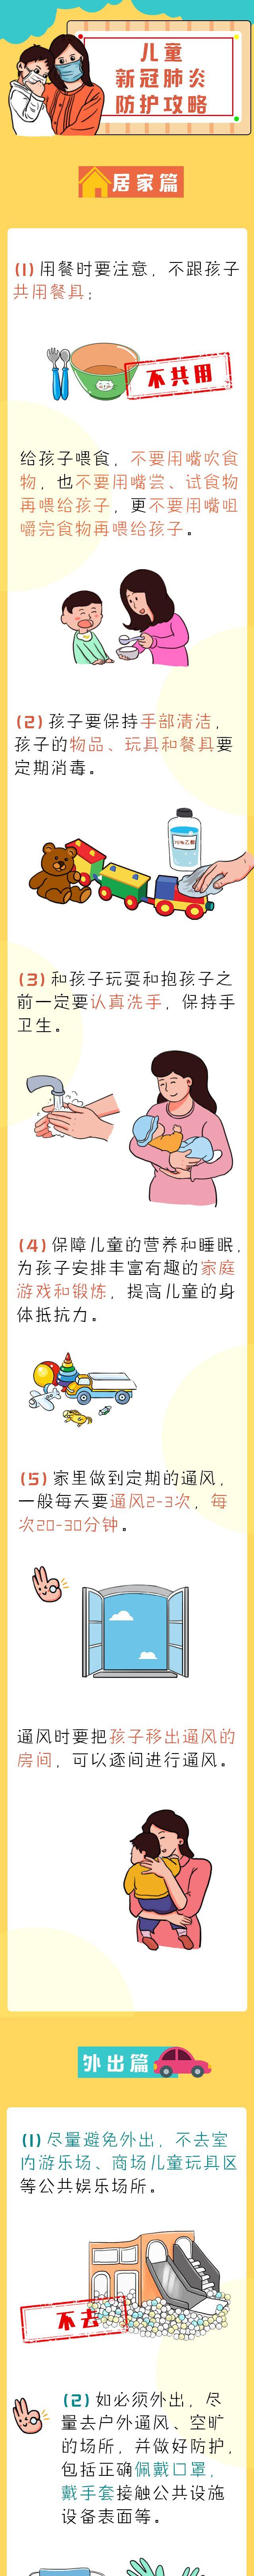 家有小孩的注意!一图读懂儿童新冠肺炎防护攻略